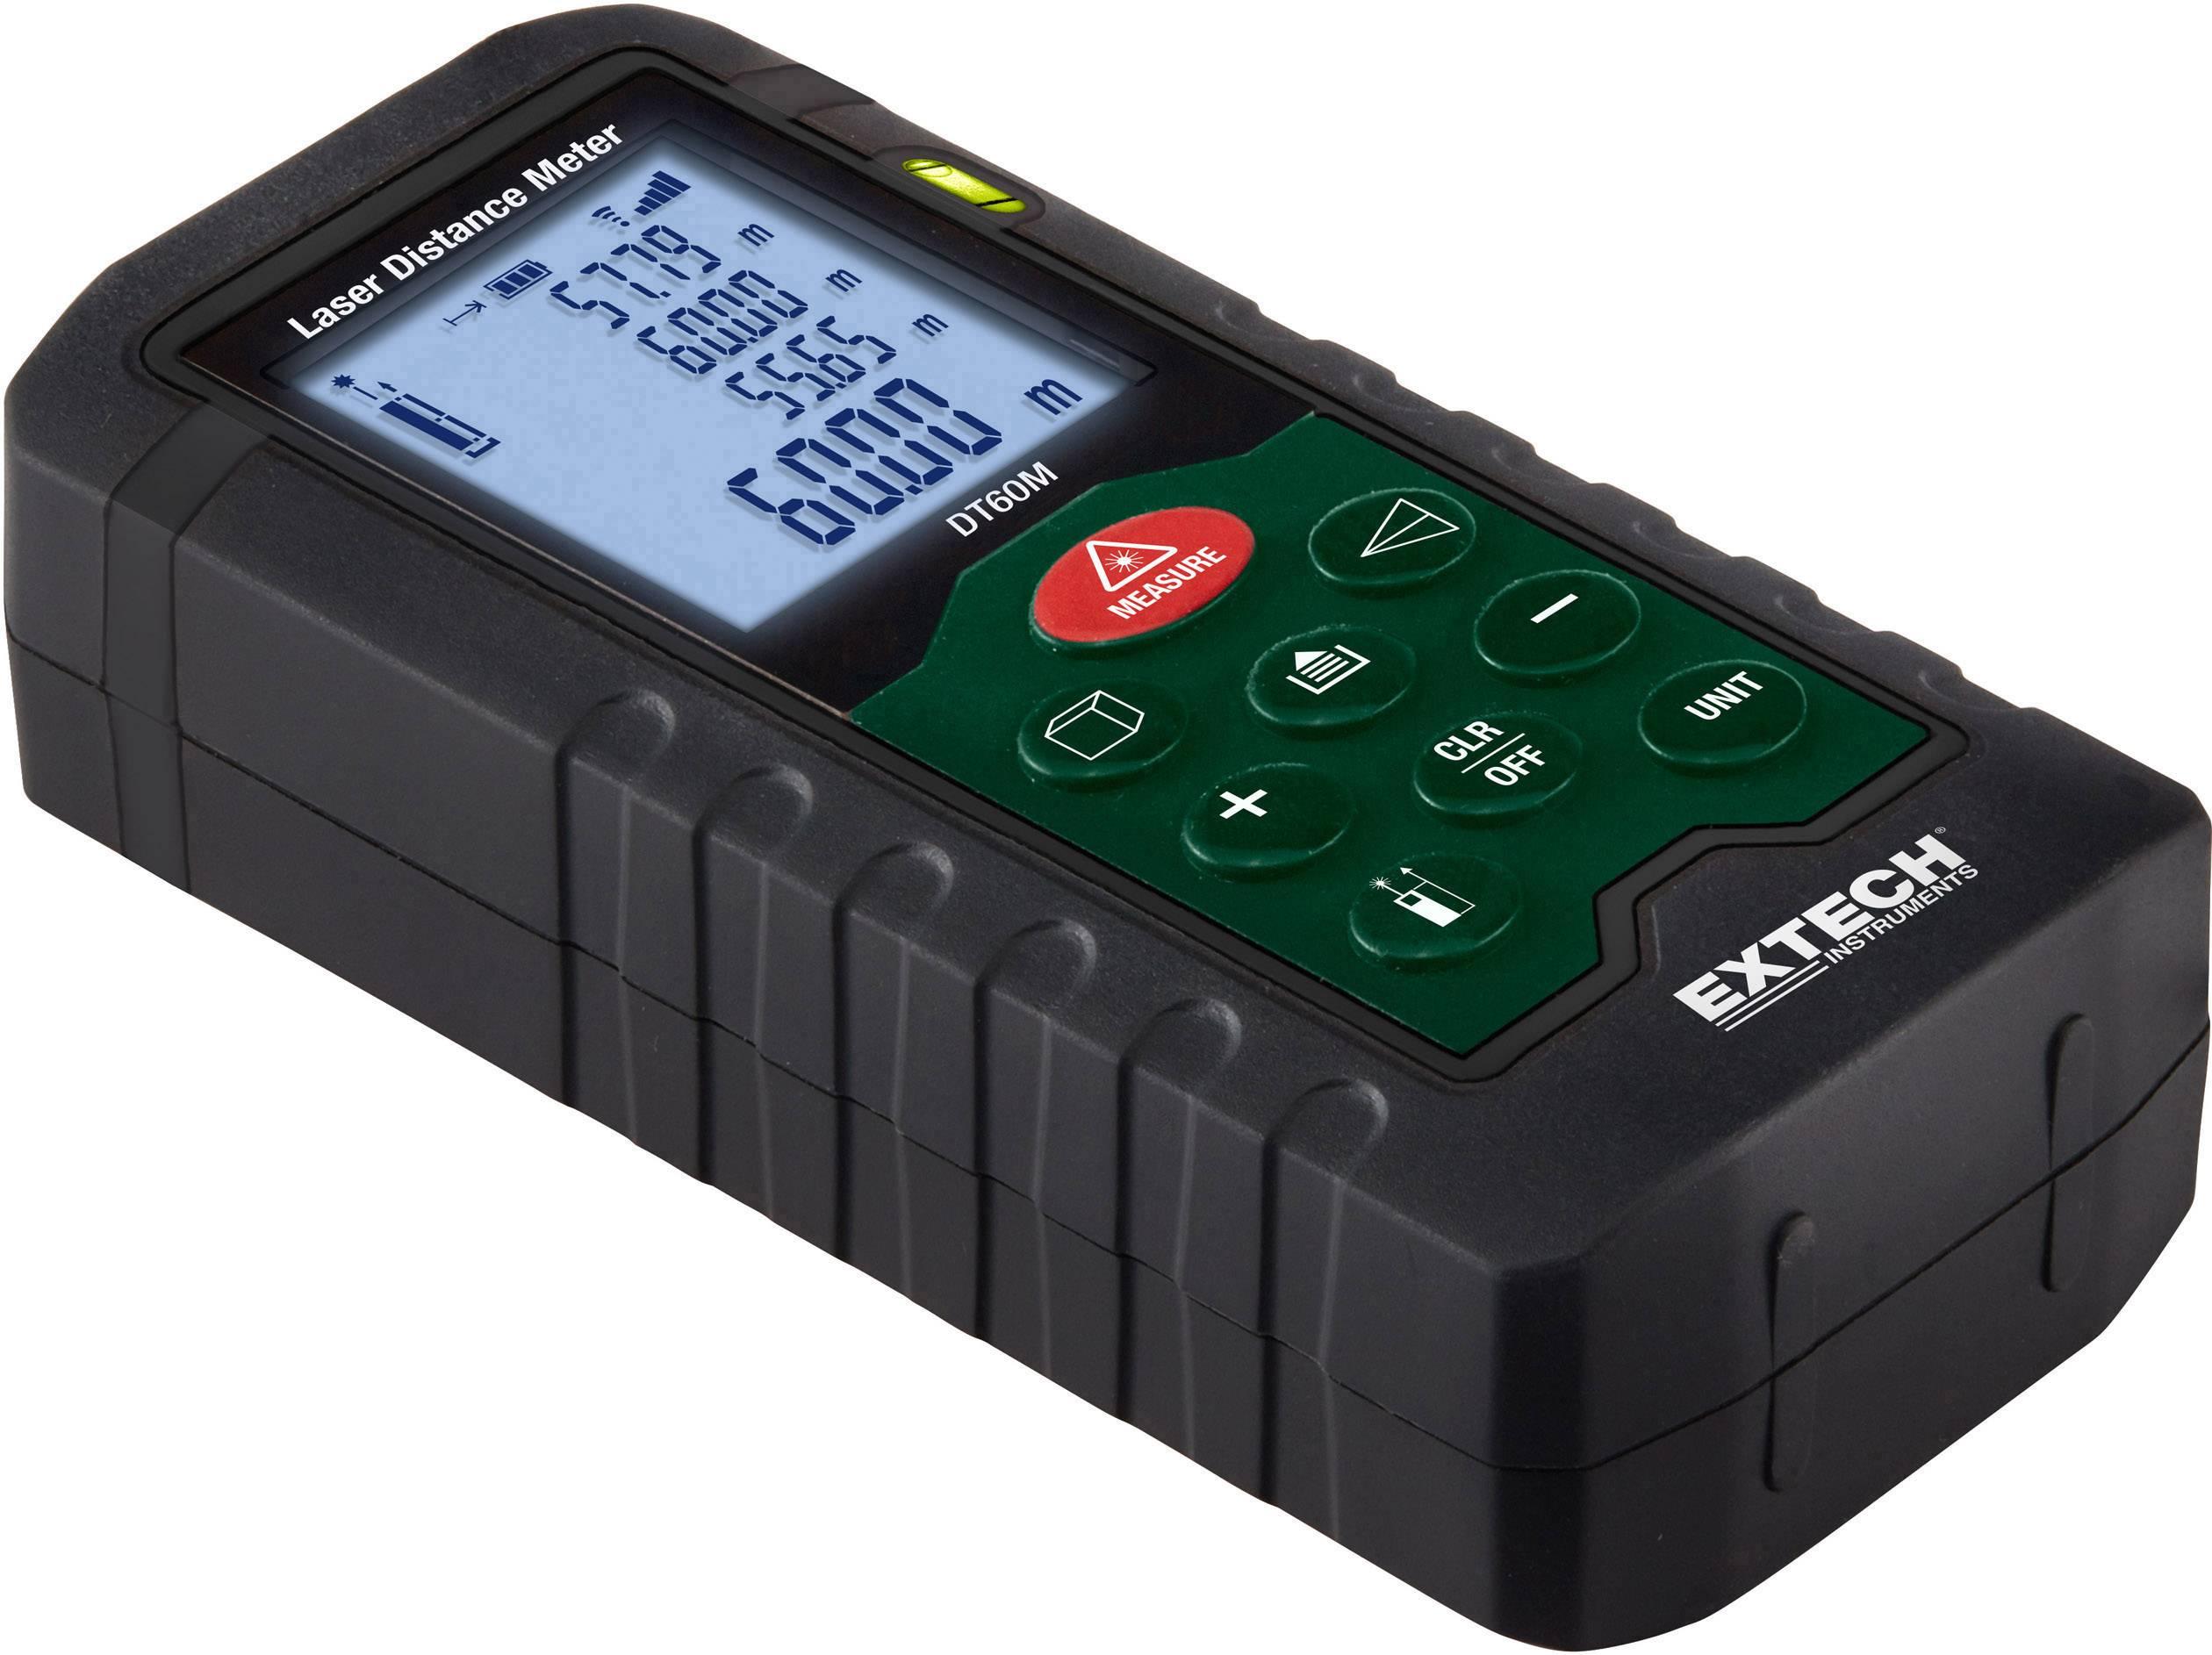 Laser Entfernungsmesser Wasseroberfläche : Laser entfernungsmesser wasseroberfläche: ultraschall